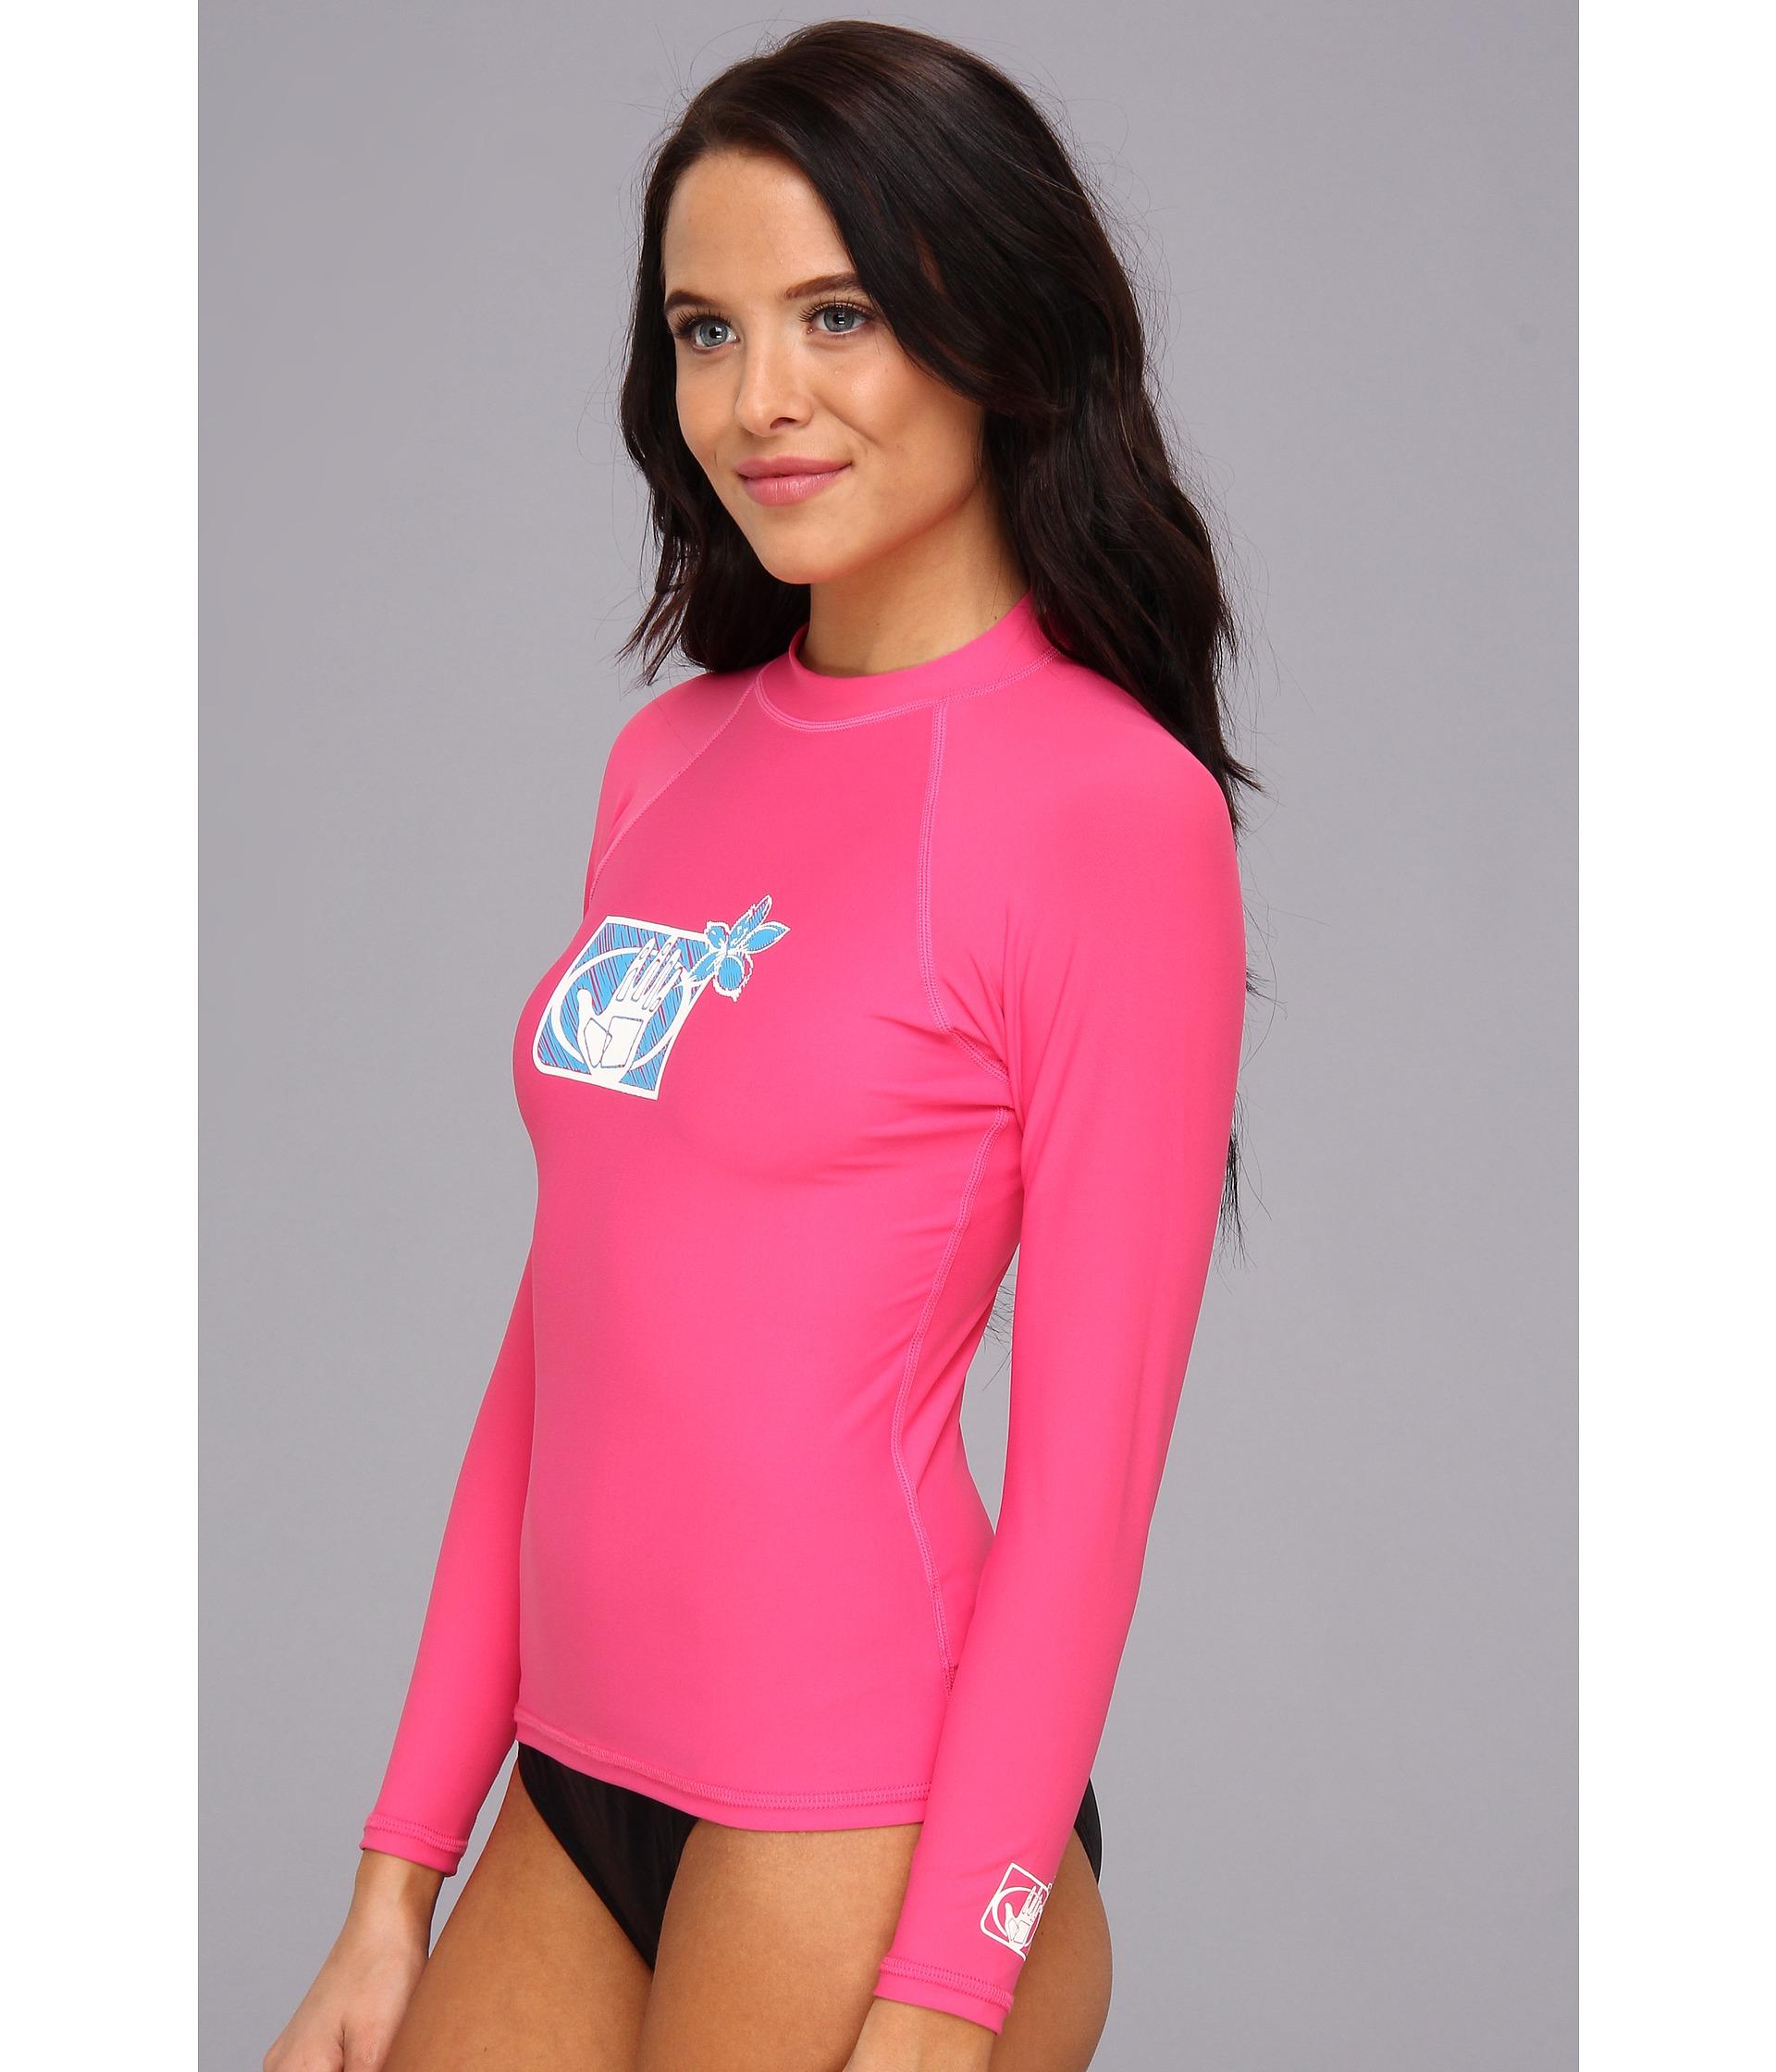 Lyst - Body Glove Basic L a Rashguard in Pink c7e2ddd4f10e